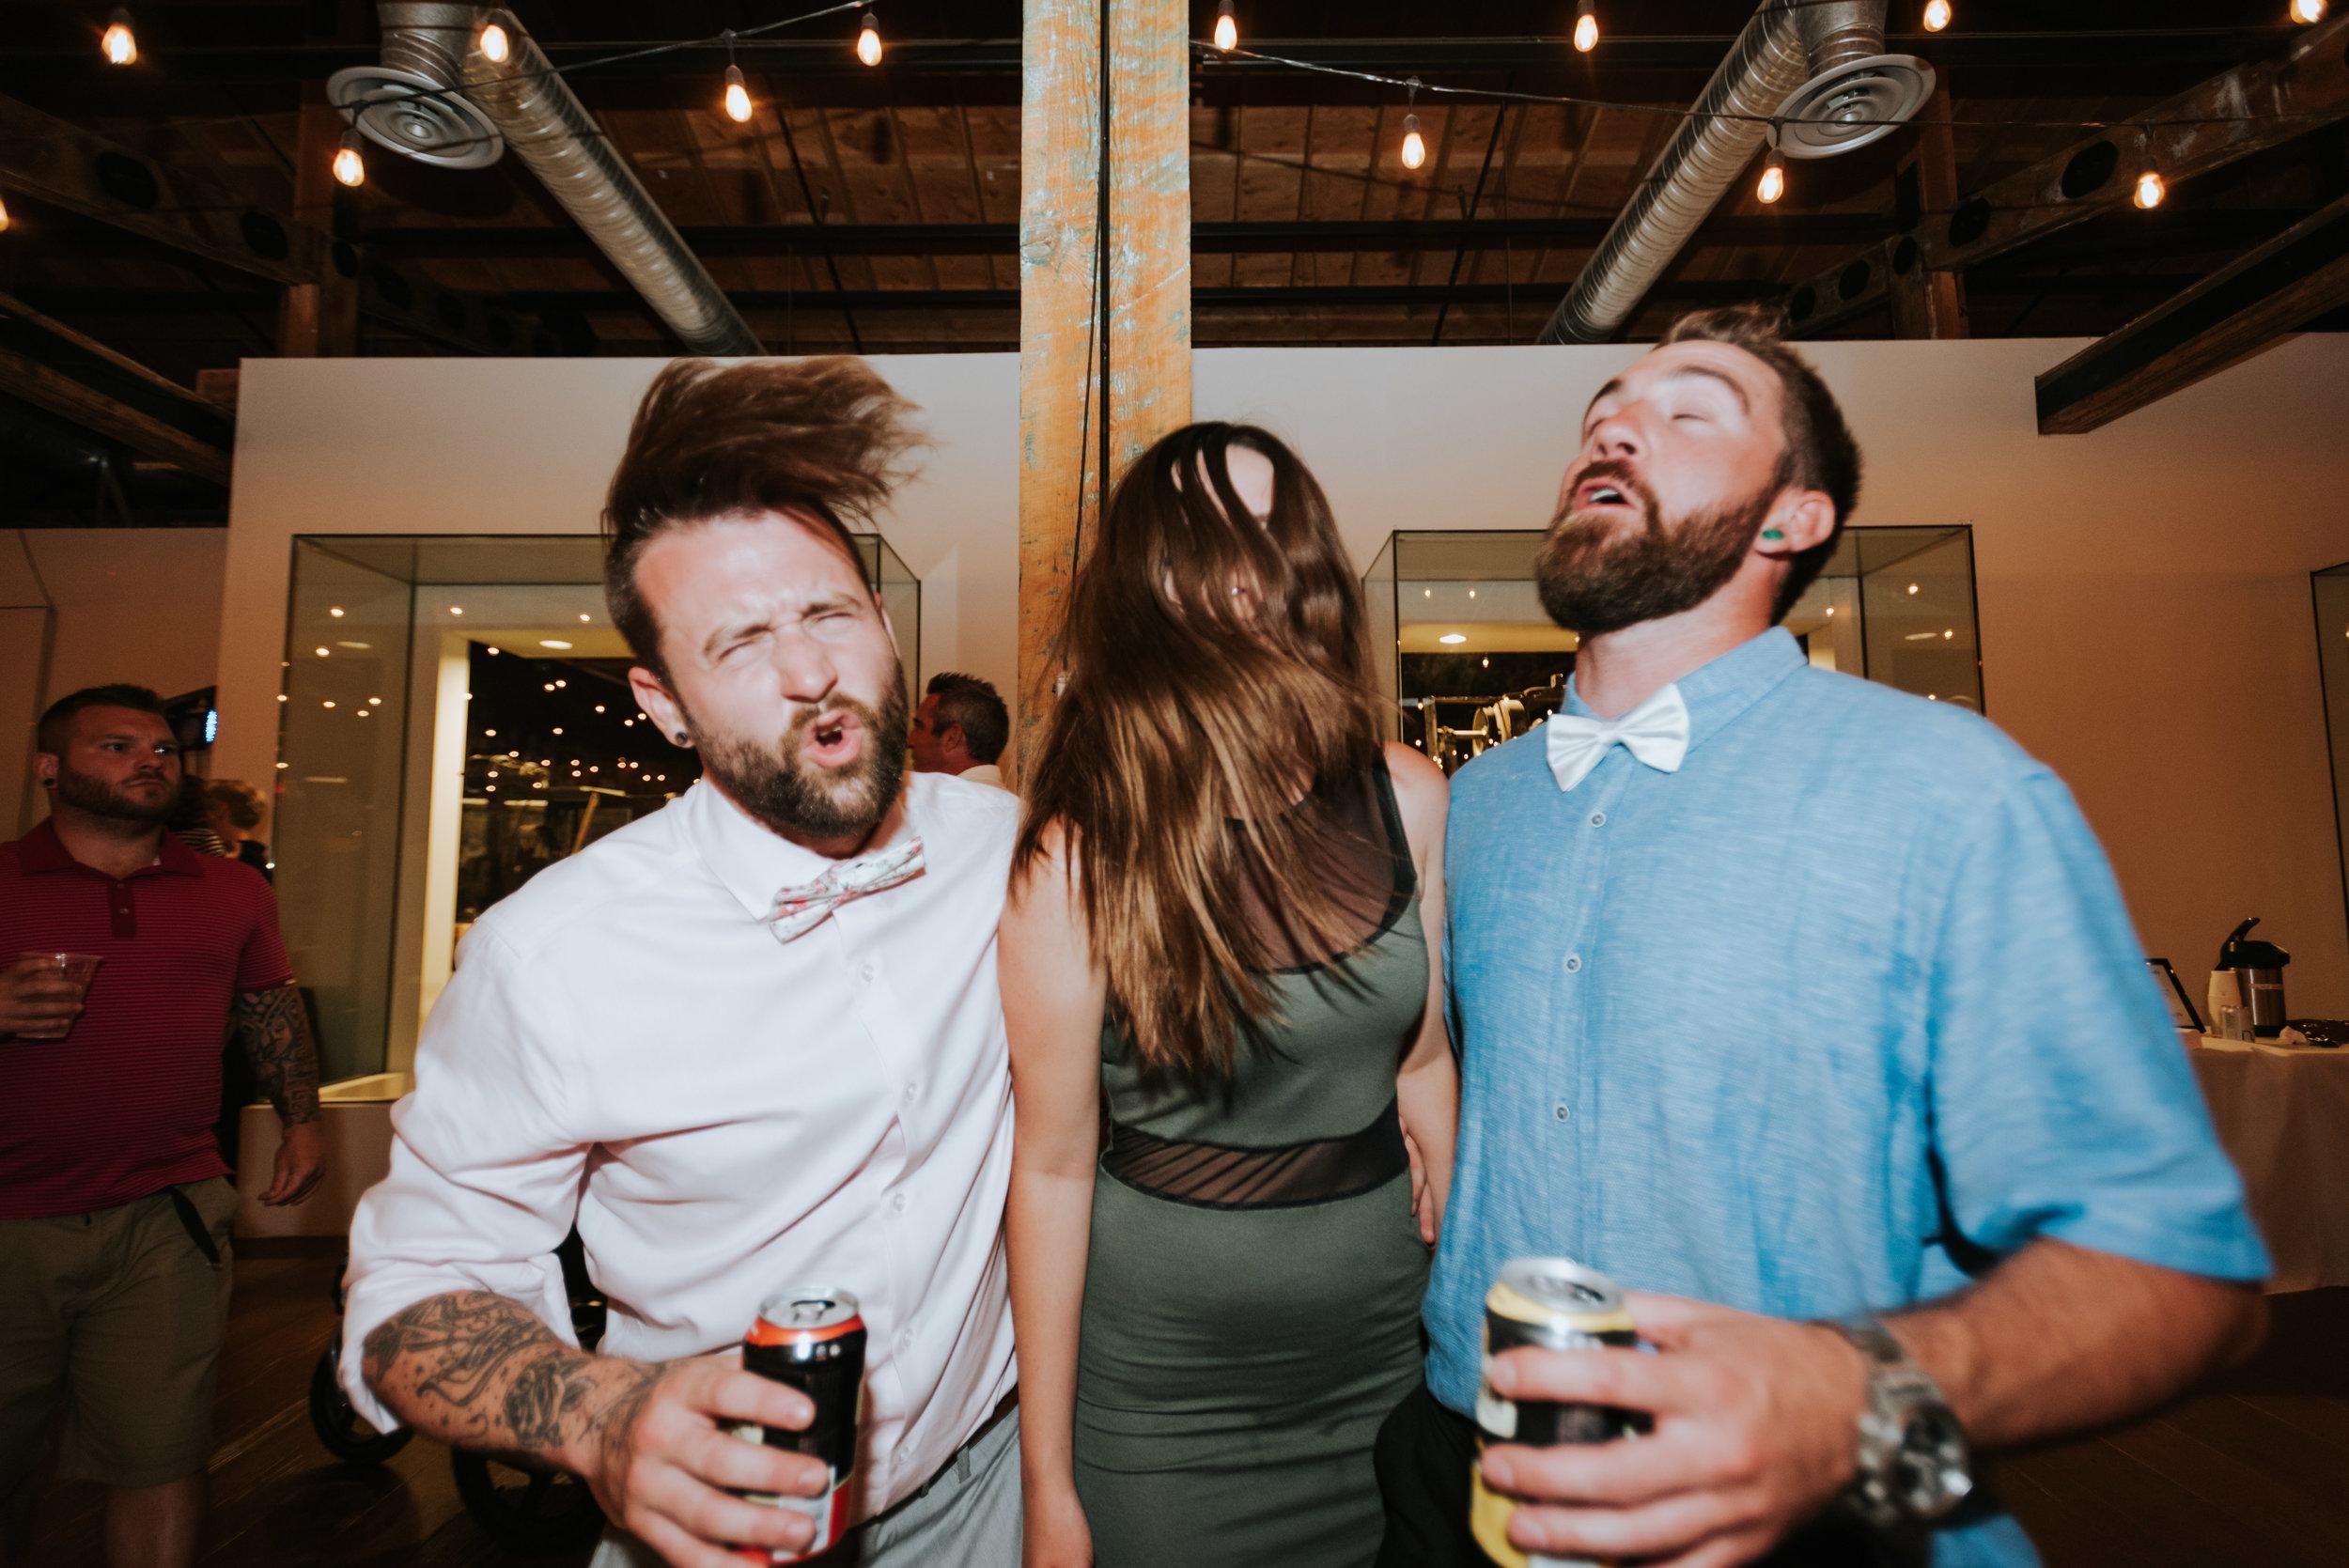 Bryan and Kaylee Kelowna-152.jpg